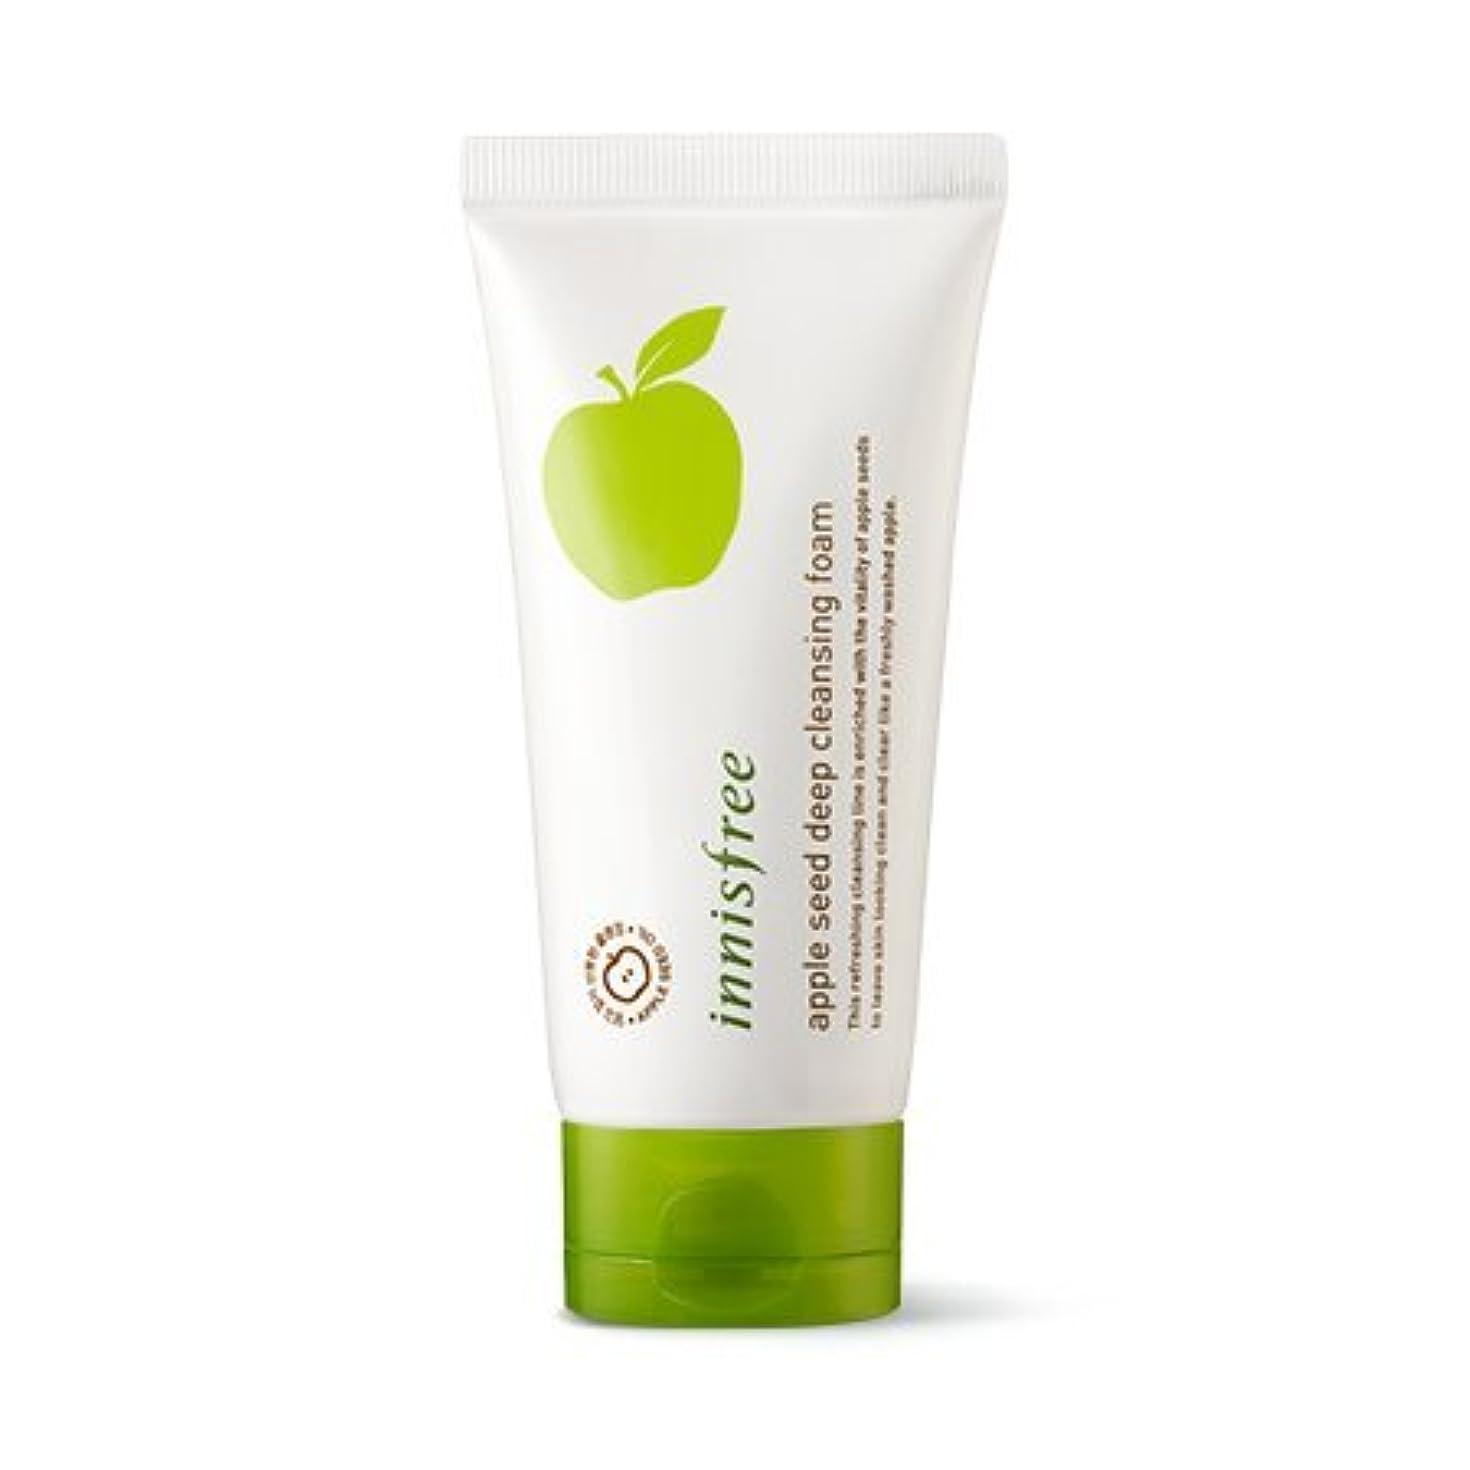 マルコポーロ流産シャトル[New] innisfree Apple Seed Deep Cleansing Foam 150ml/イニスフリー アップル シード ディープ クレンジング フォーム 150ml